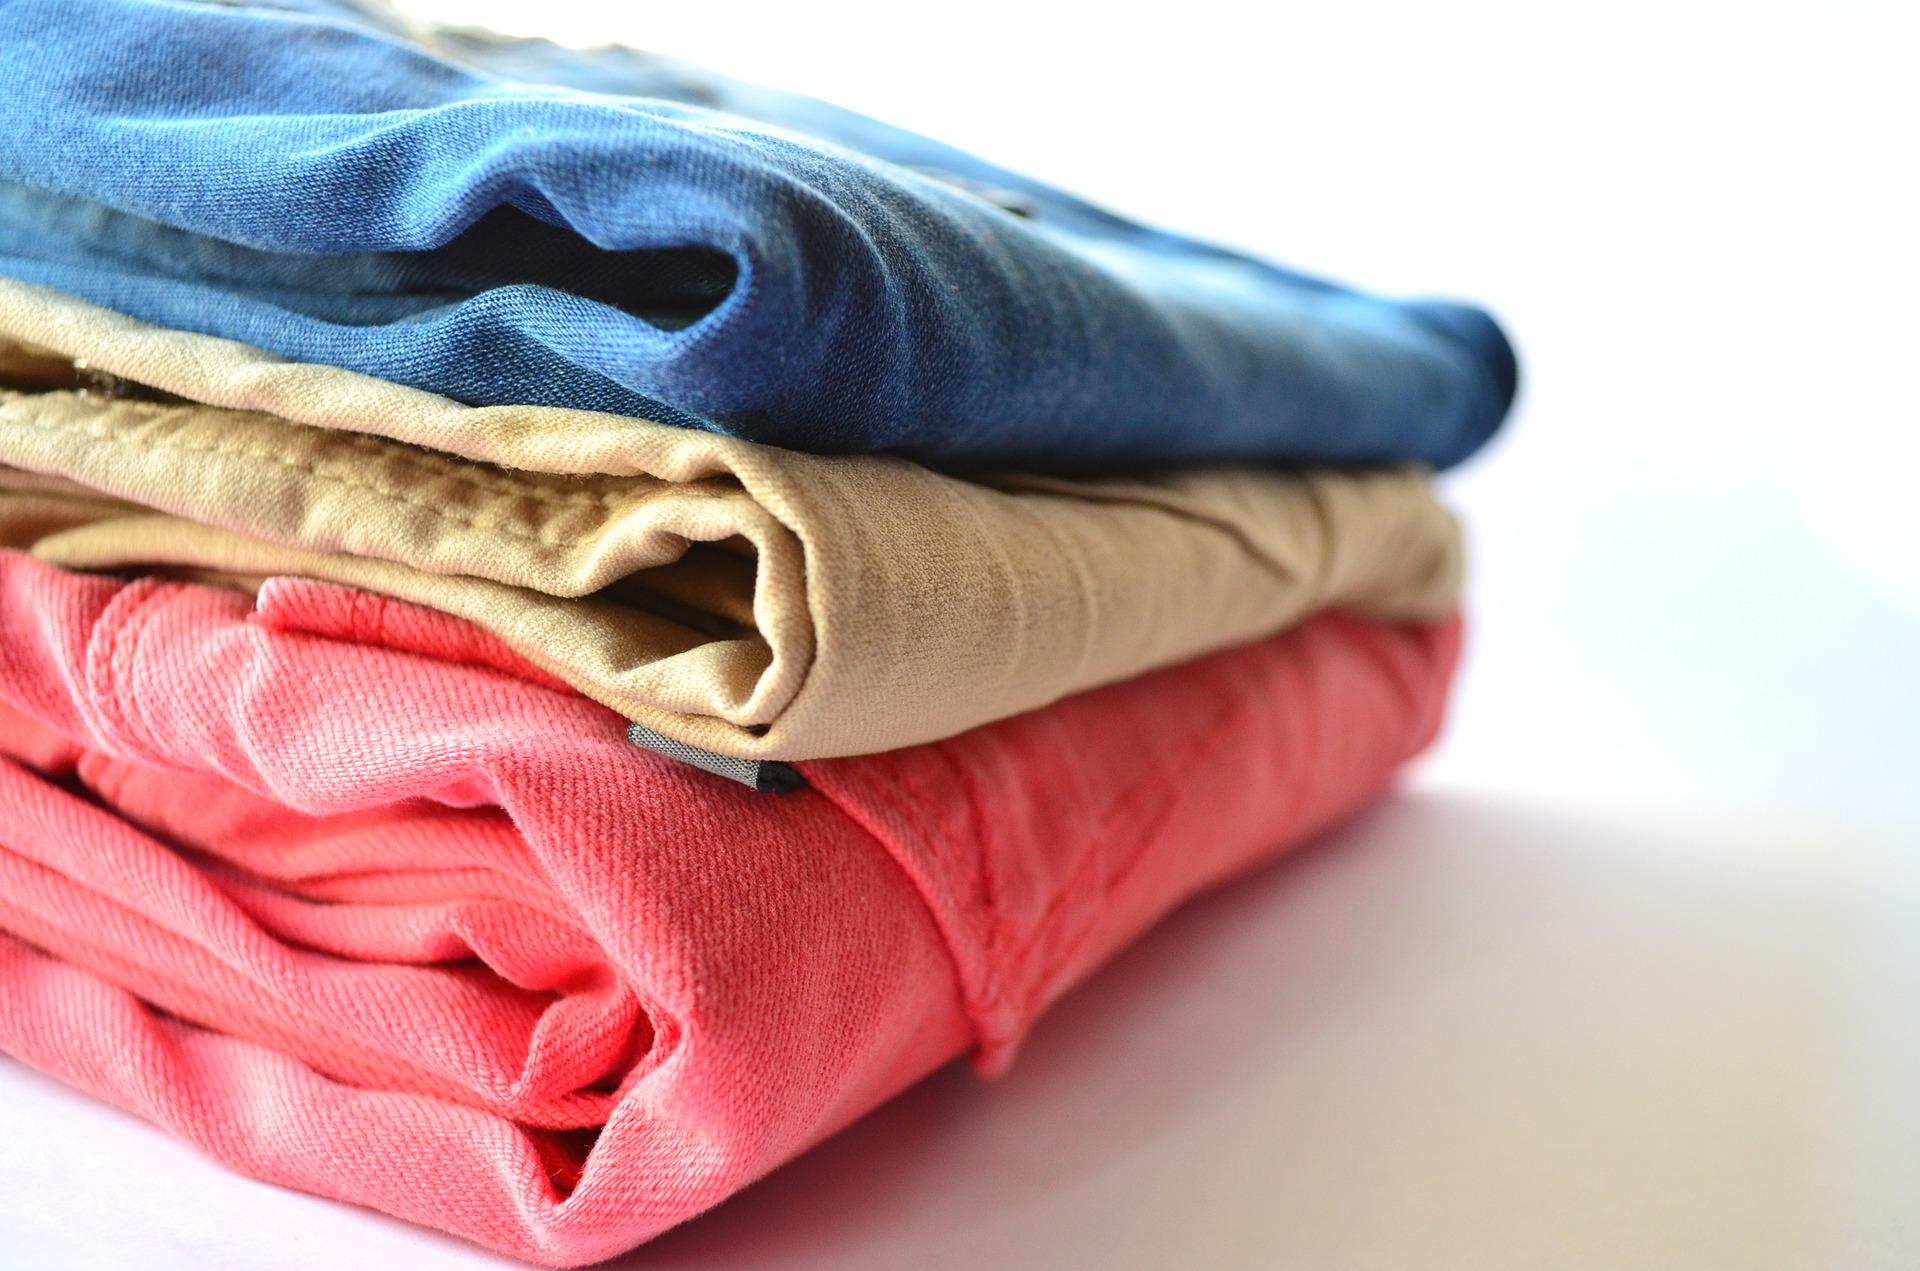 potex-s-r-o-dekuje-za-sber-pouziteho-textilu